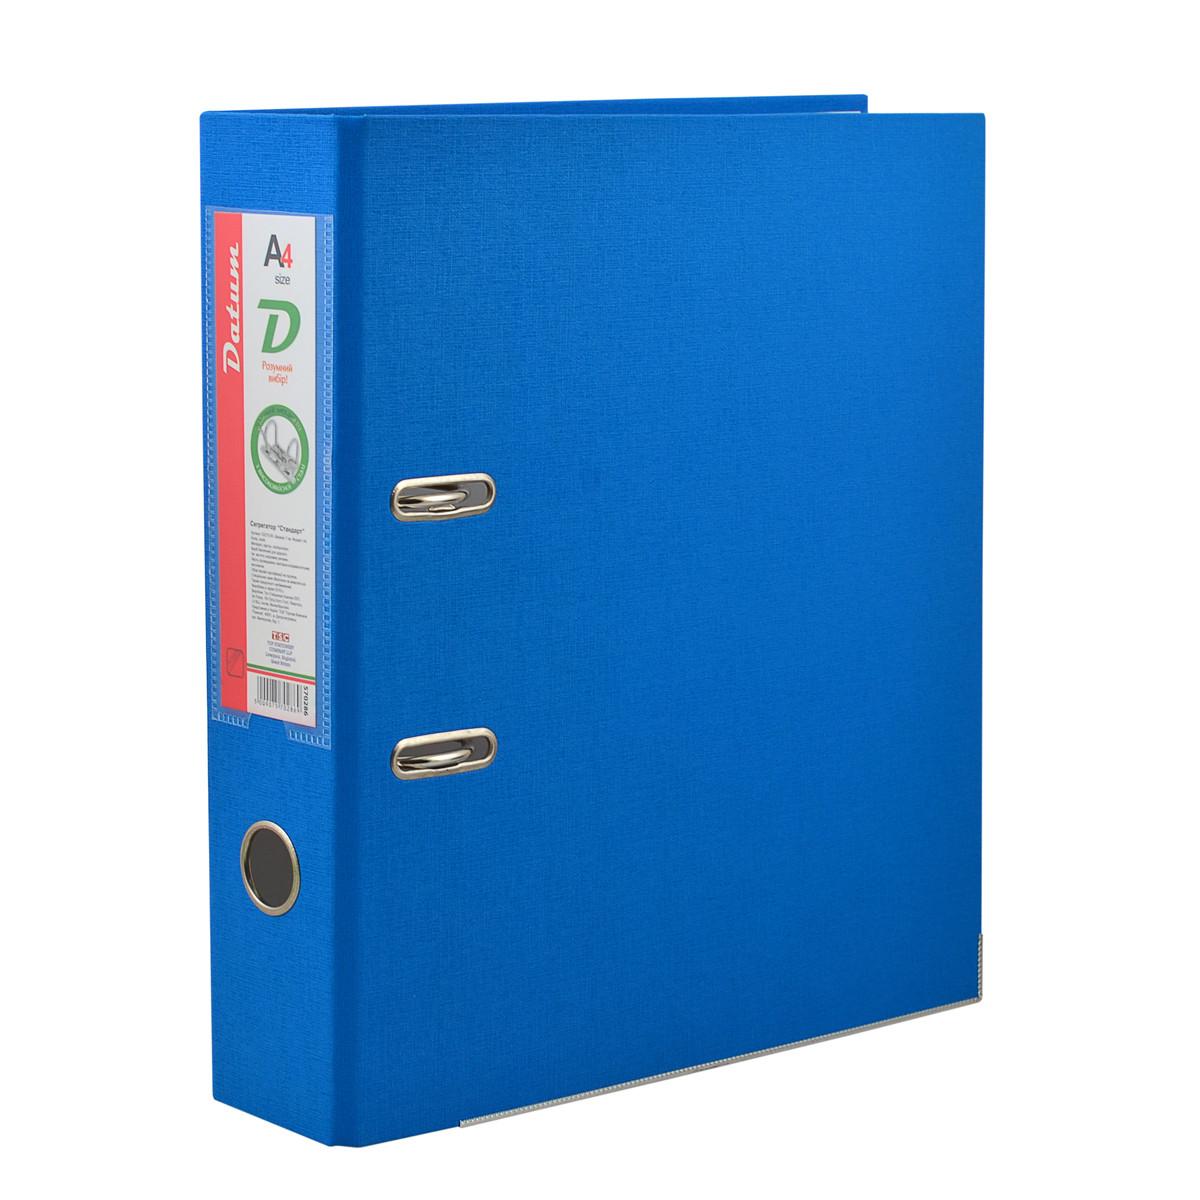 Сегрегатор А4/7см синий D2270-05 (сборной)